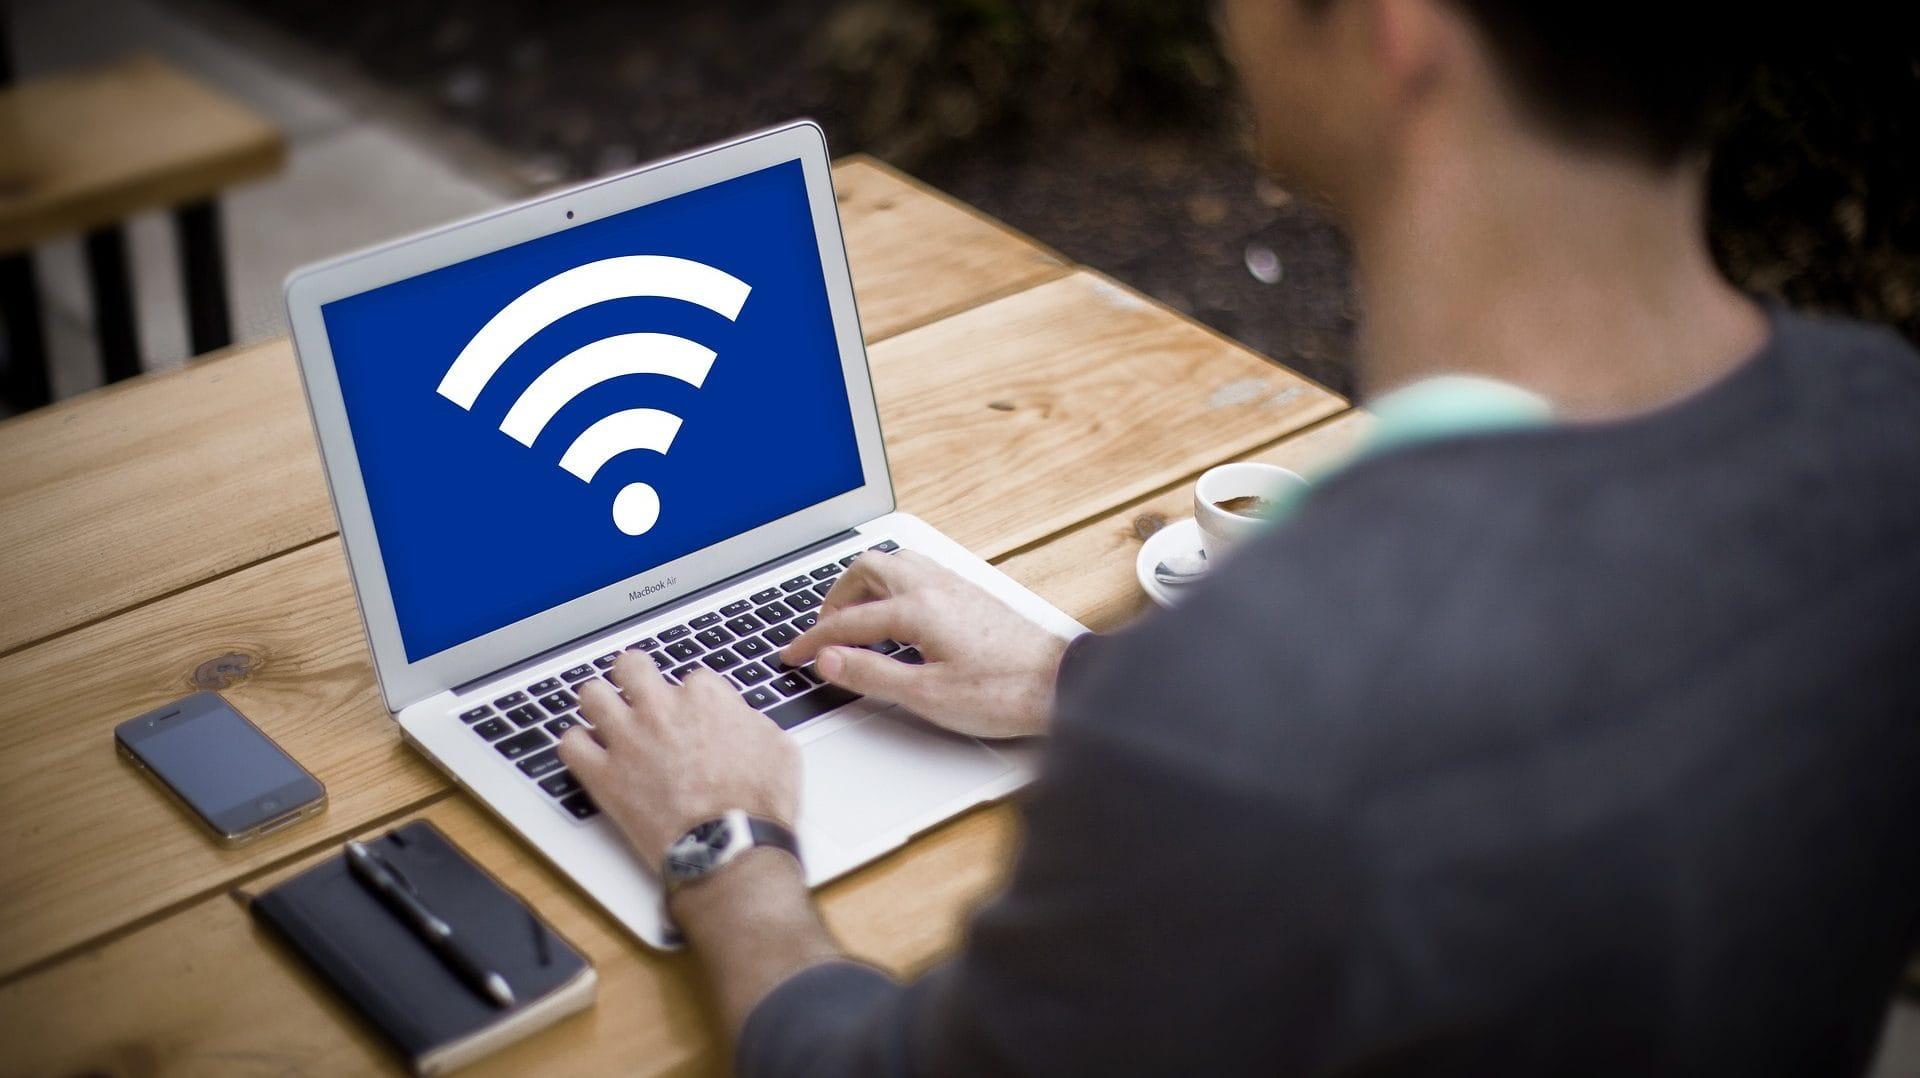 Wi-Fi : Plusieurs failles de sécurité découvertes dans des appareils Android/iOS et des PC